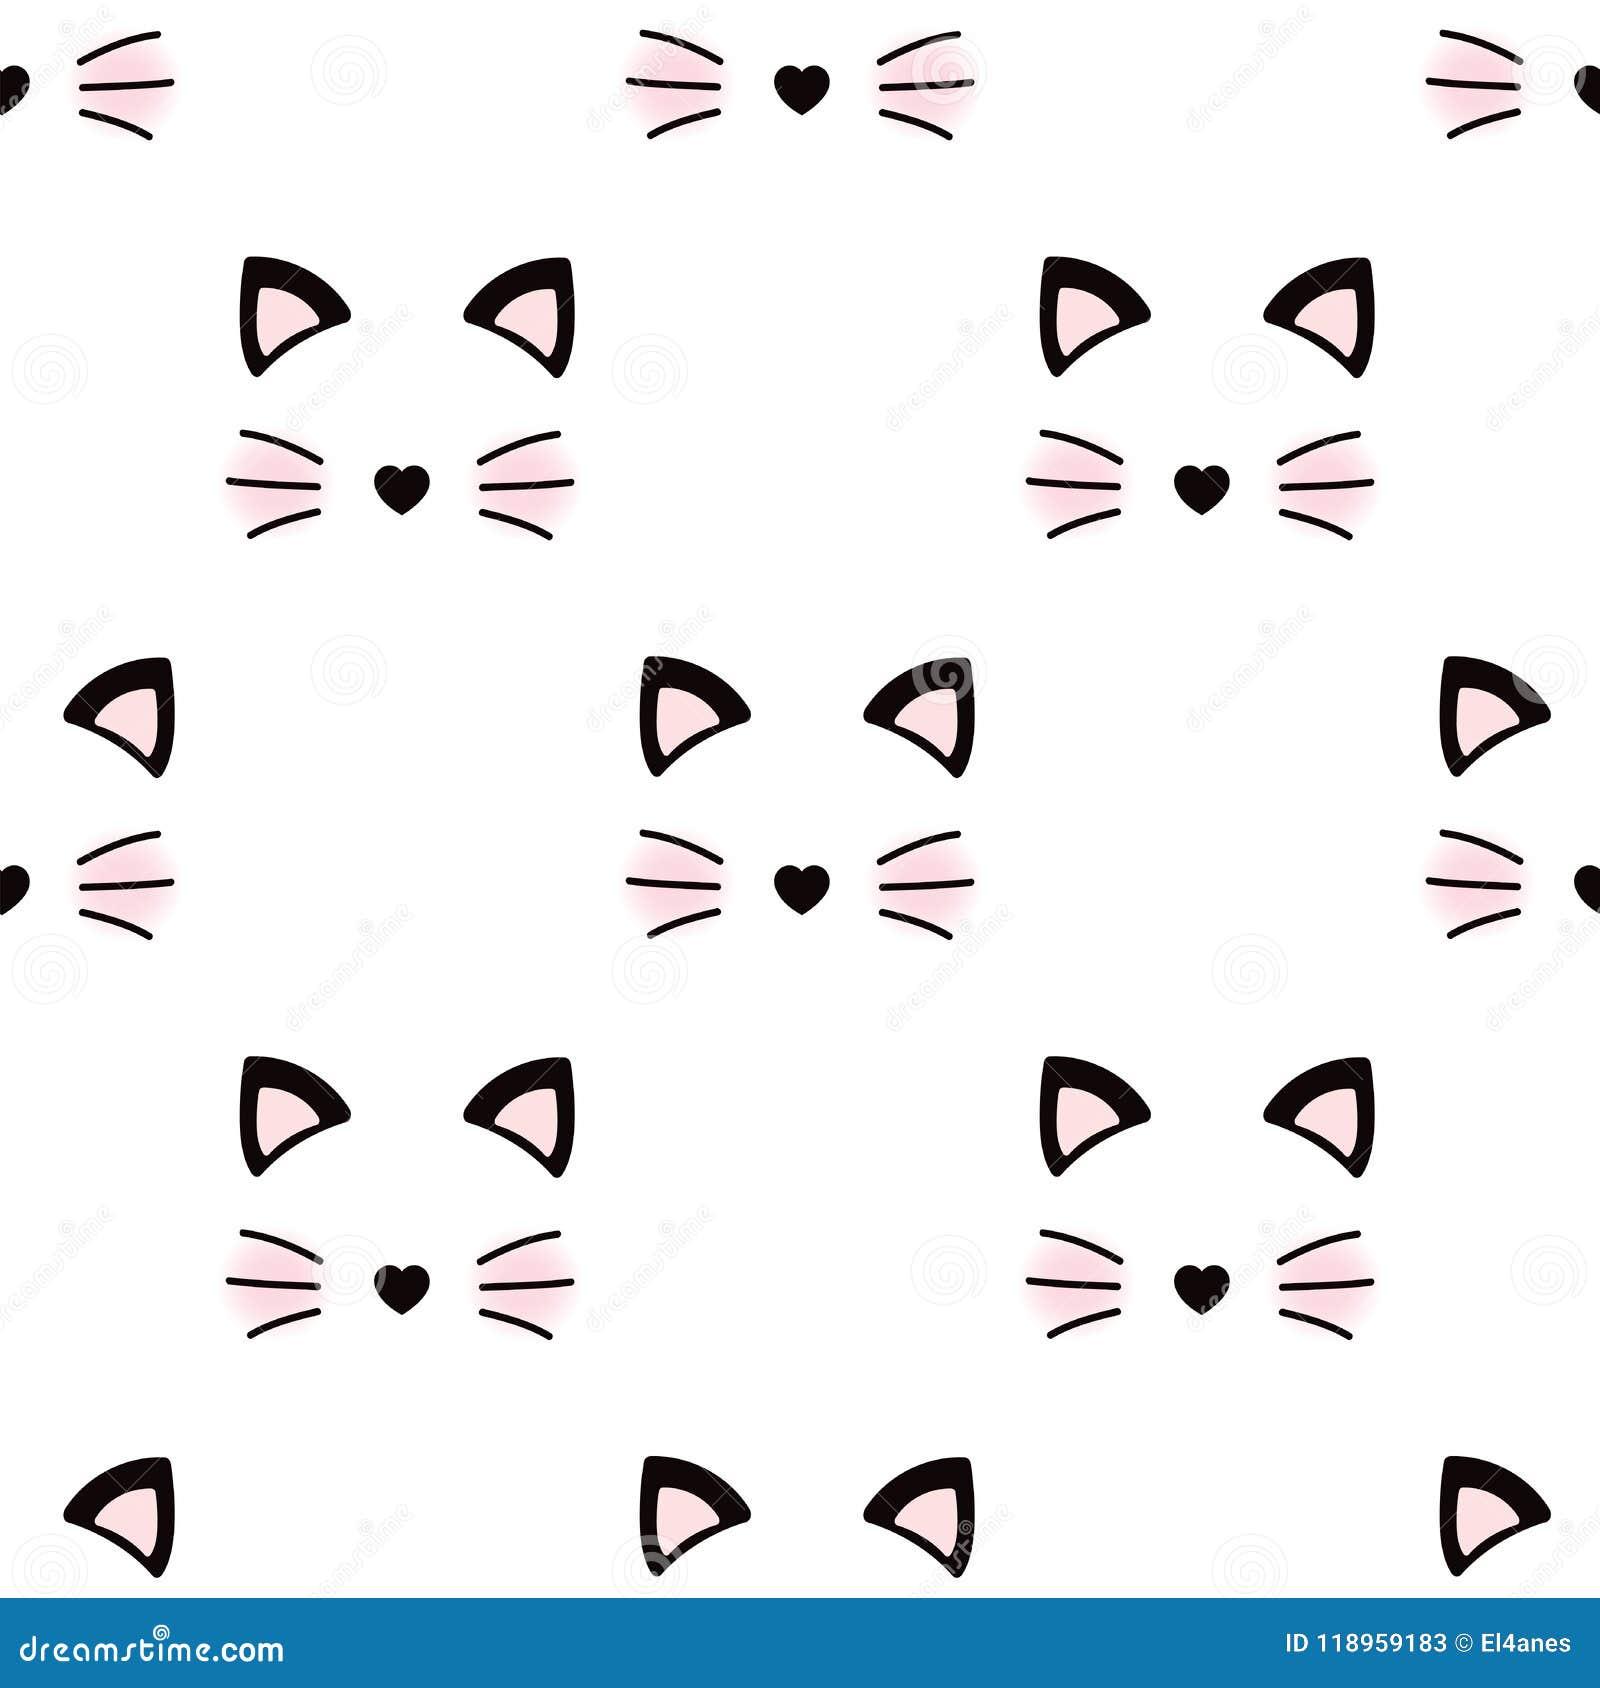 Cat Face Wallpaper Stock Vector Illustration Of Animal 118959183